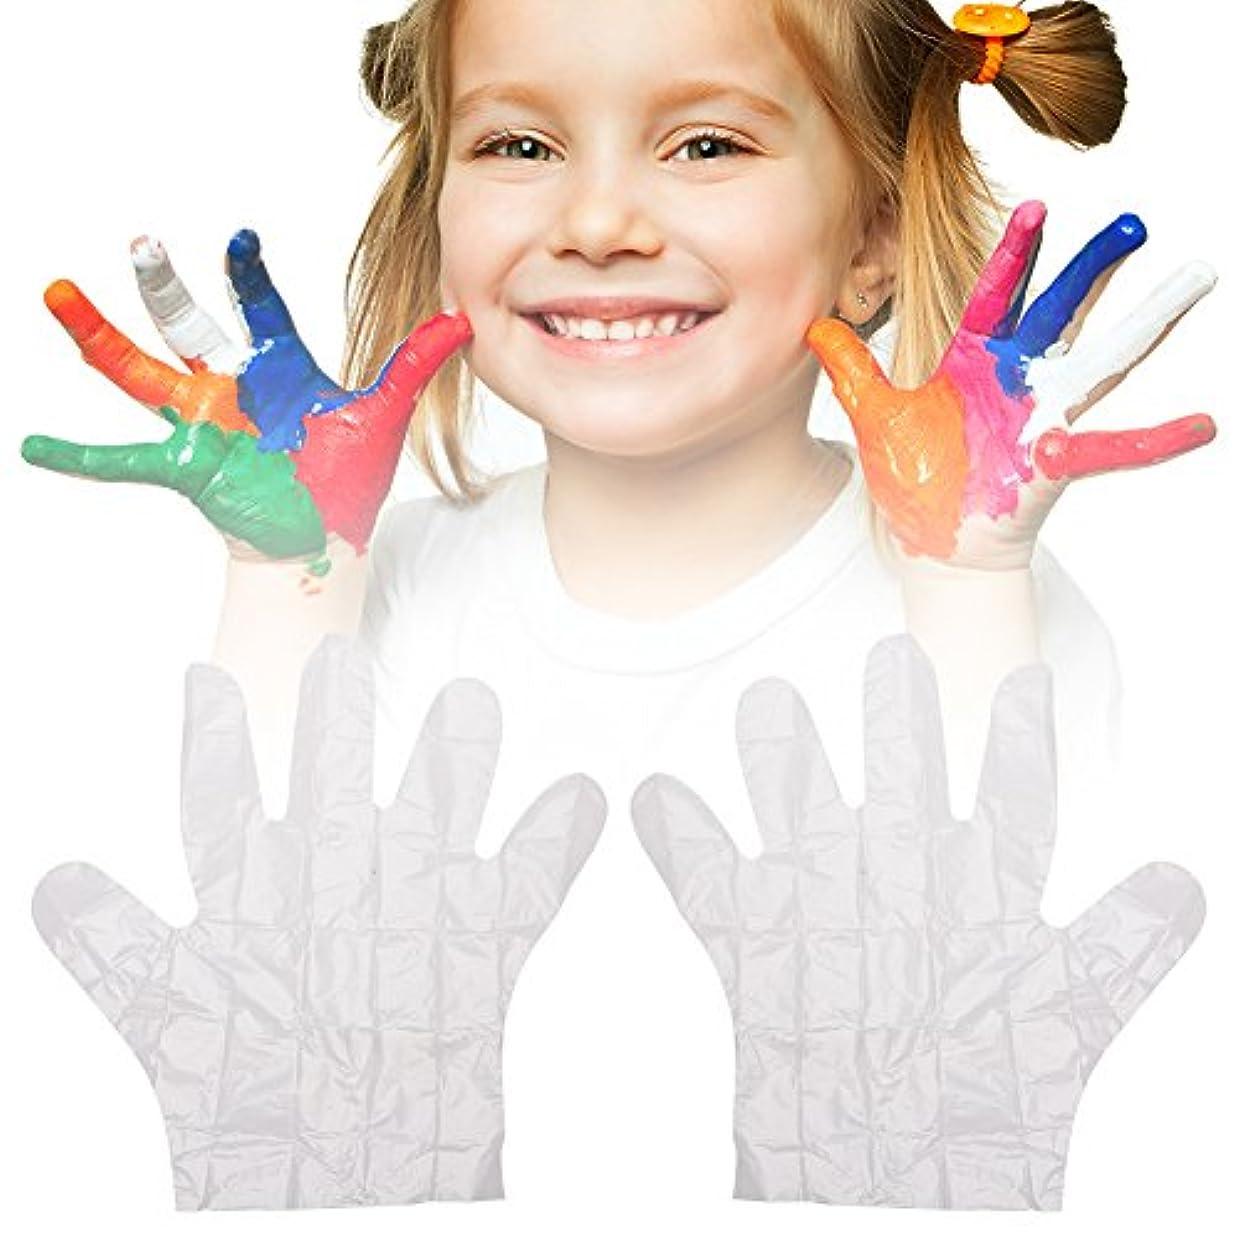 ベット墓ひまわり卓仕朗 手袋使い捨て 子供用 使い捨て手袋 キッズ専用 食品 調理 キッチン用品 透明 手袋 200枚